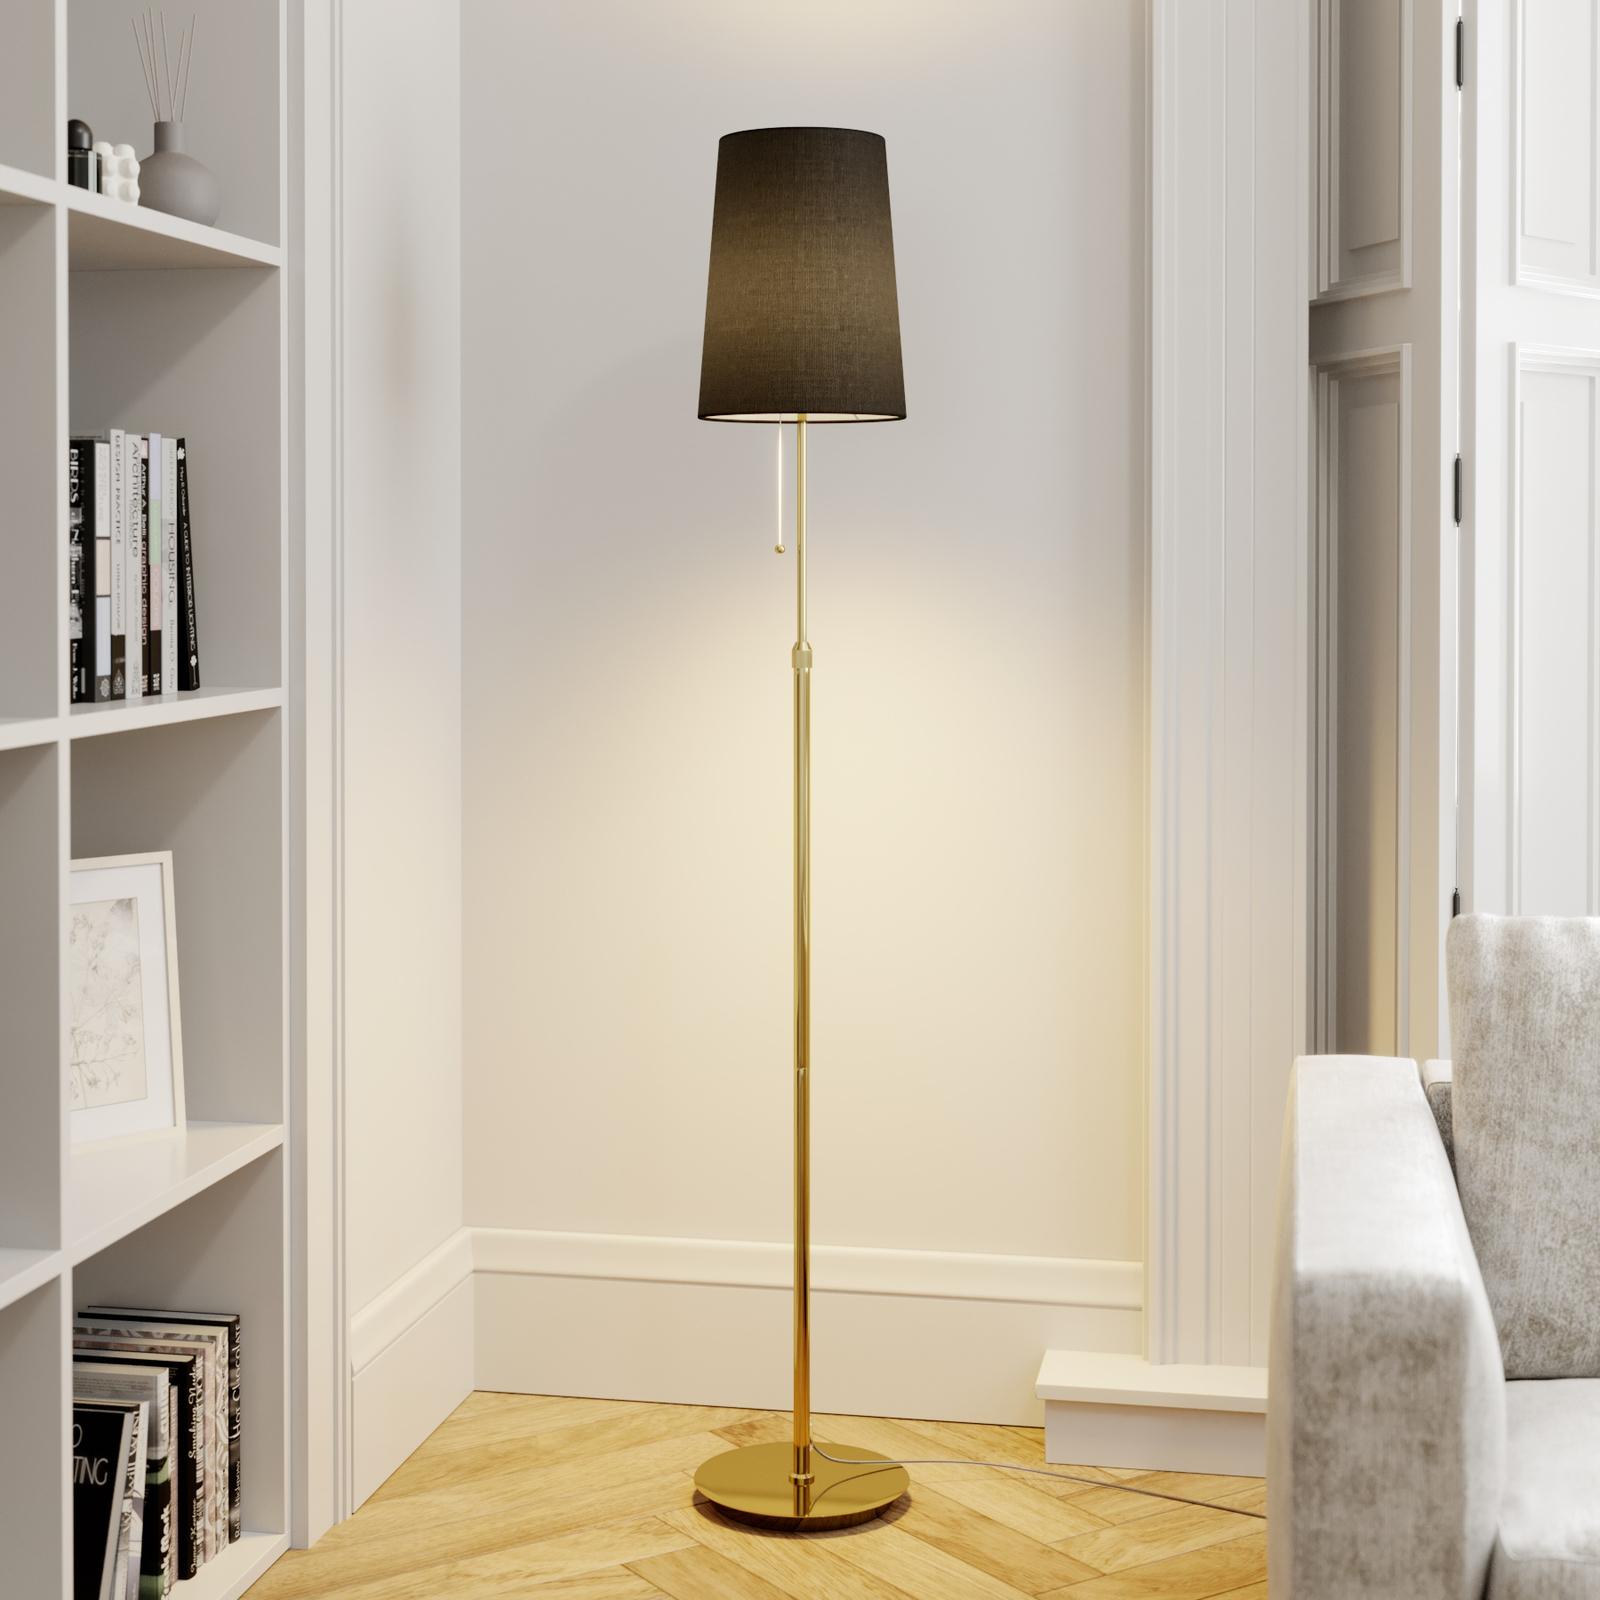 Lucande Pordis vloerlamp, 164 cm, messing-zwart